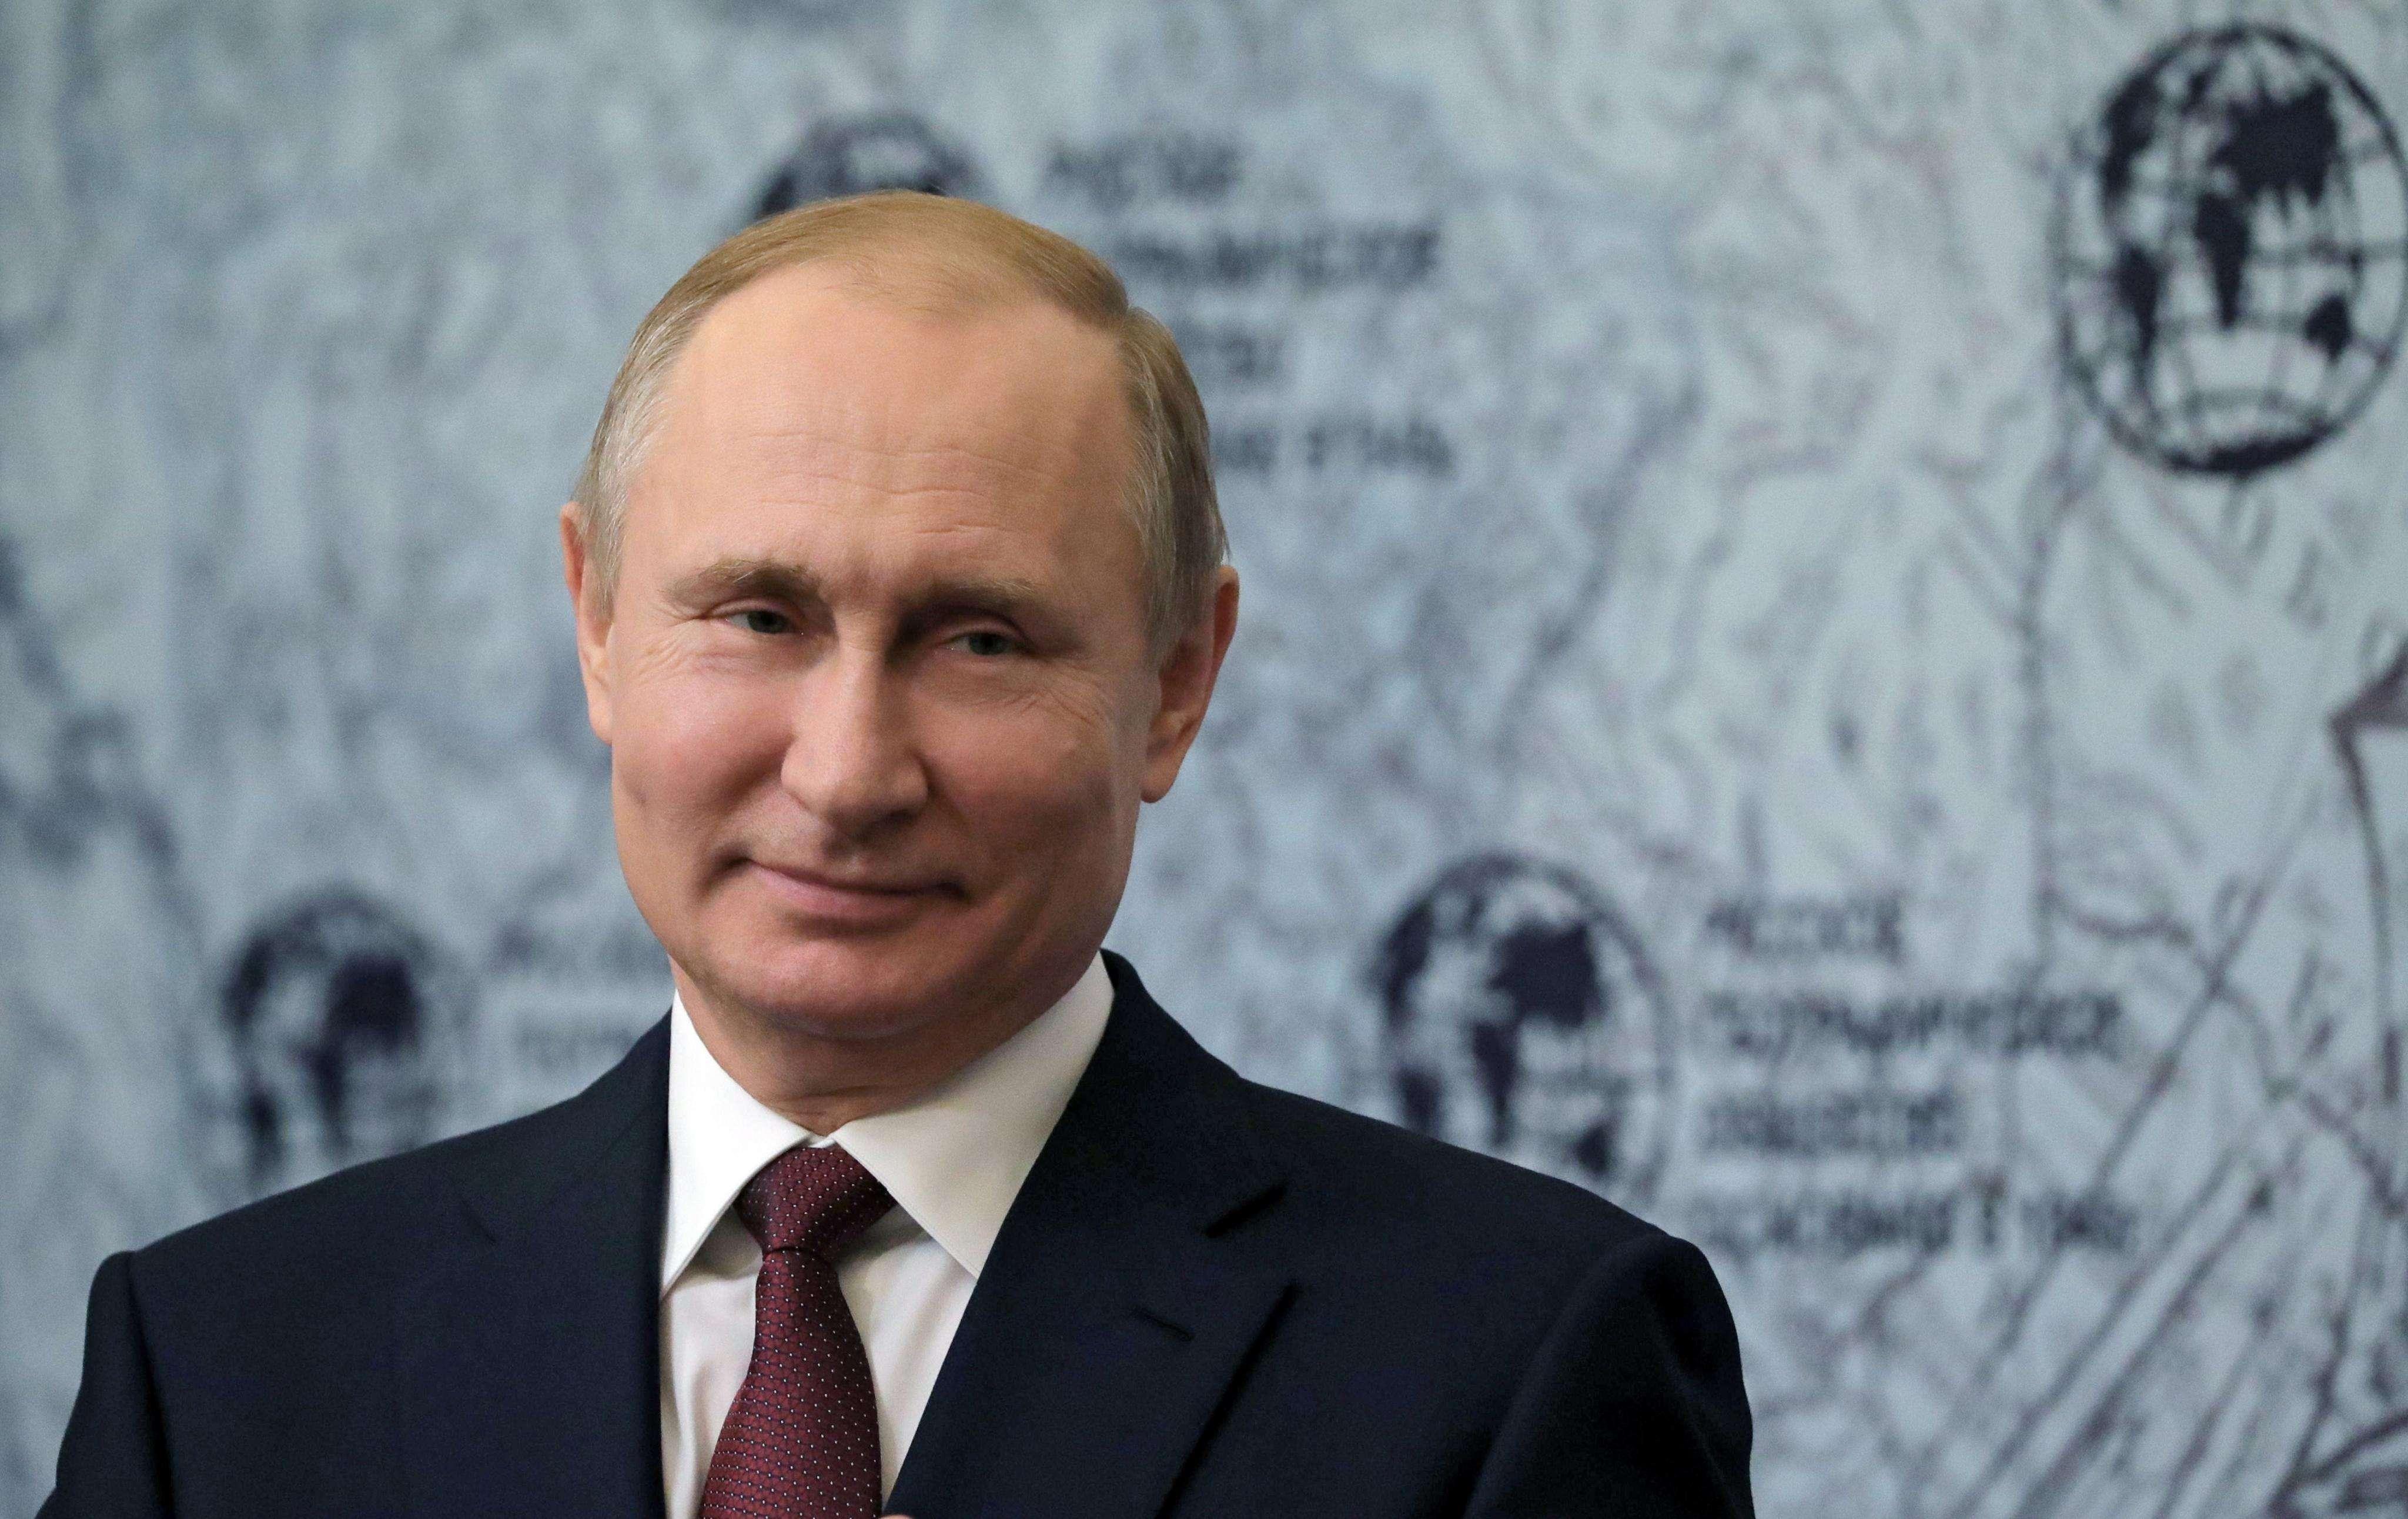 El presidente ruso, Vladímir Putin. Foto: EFE